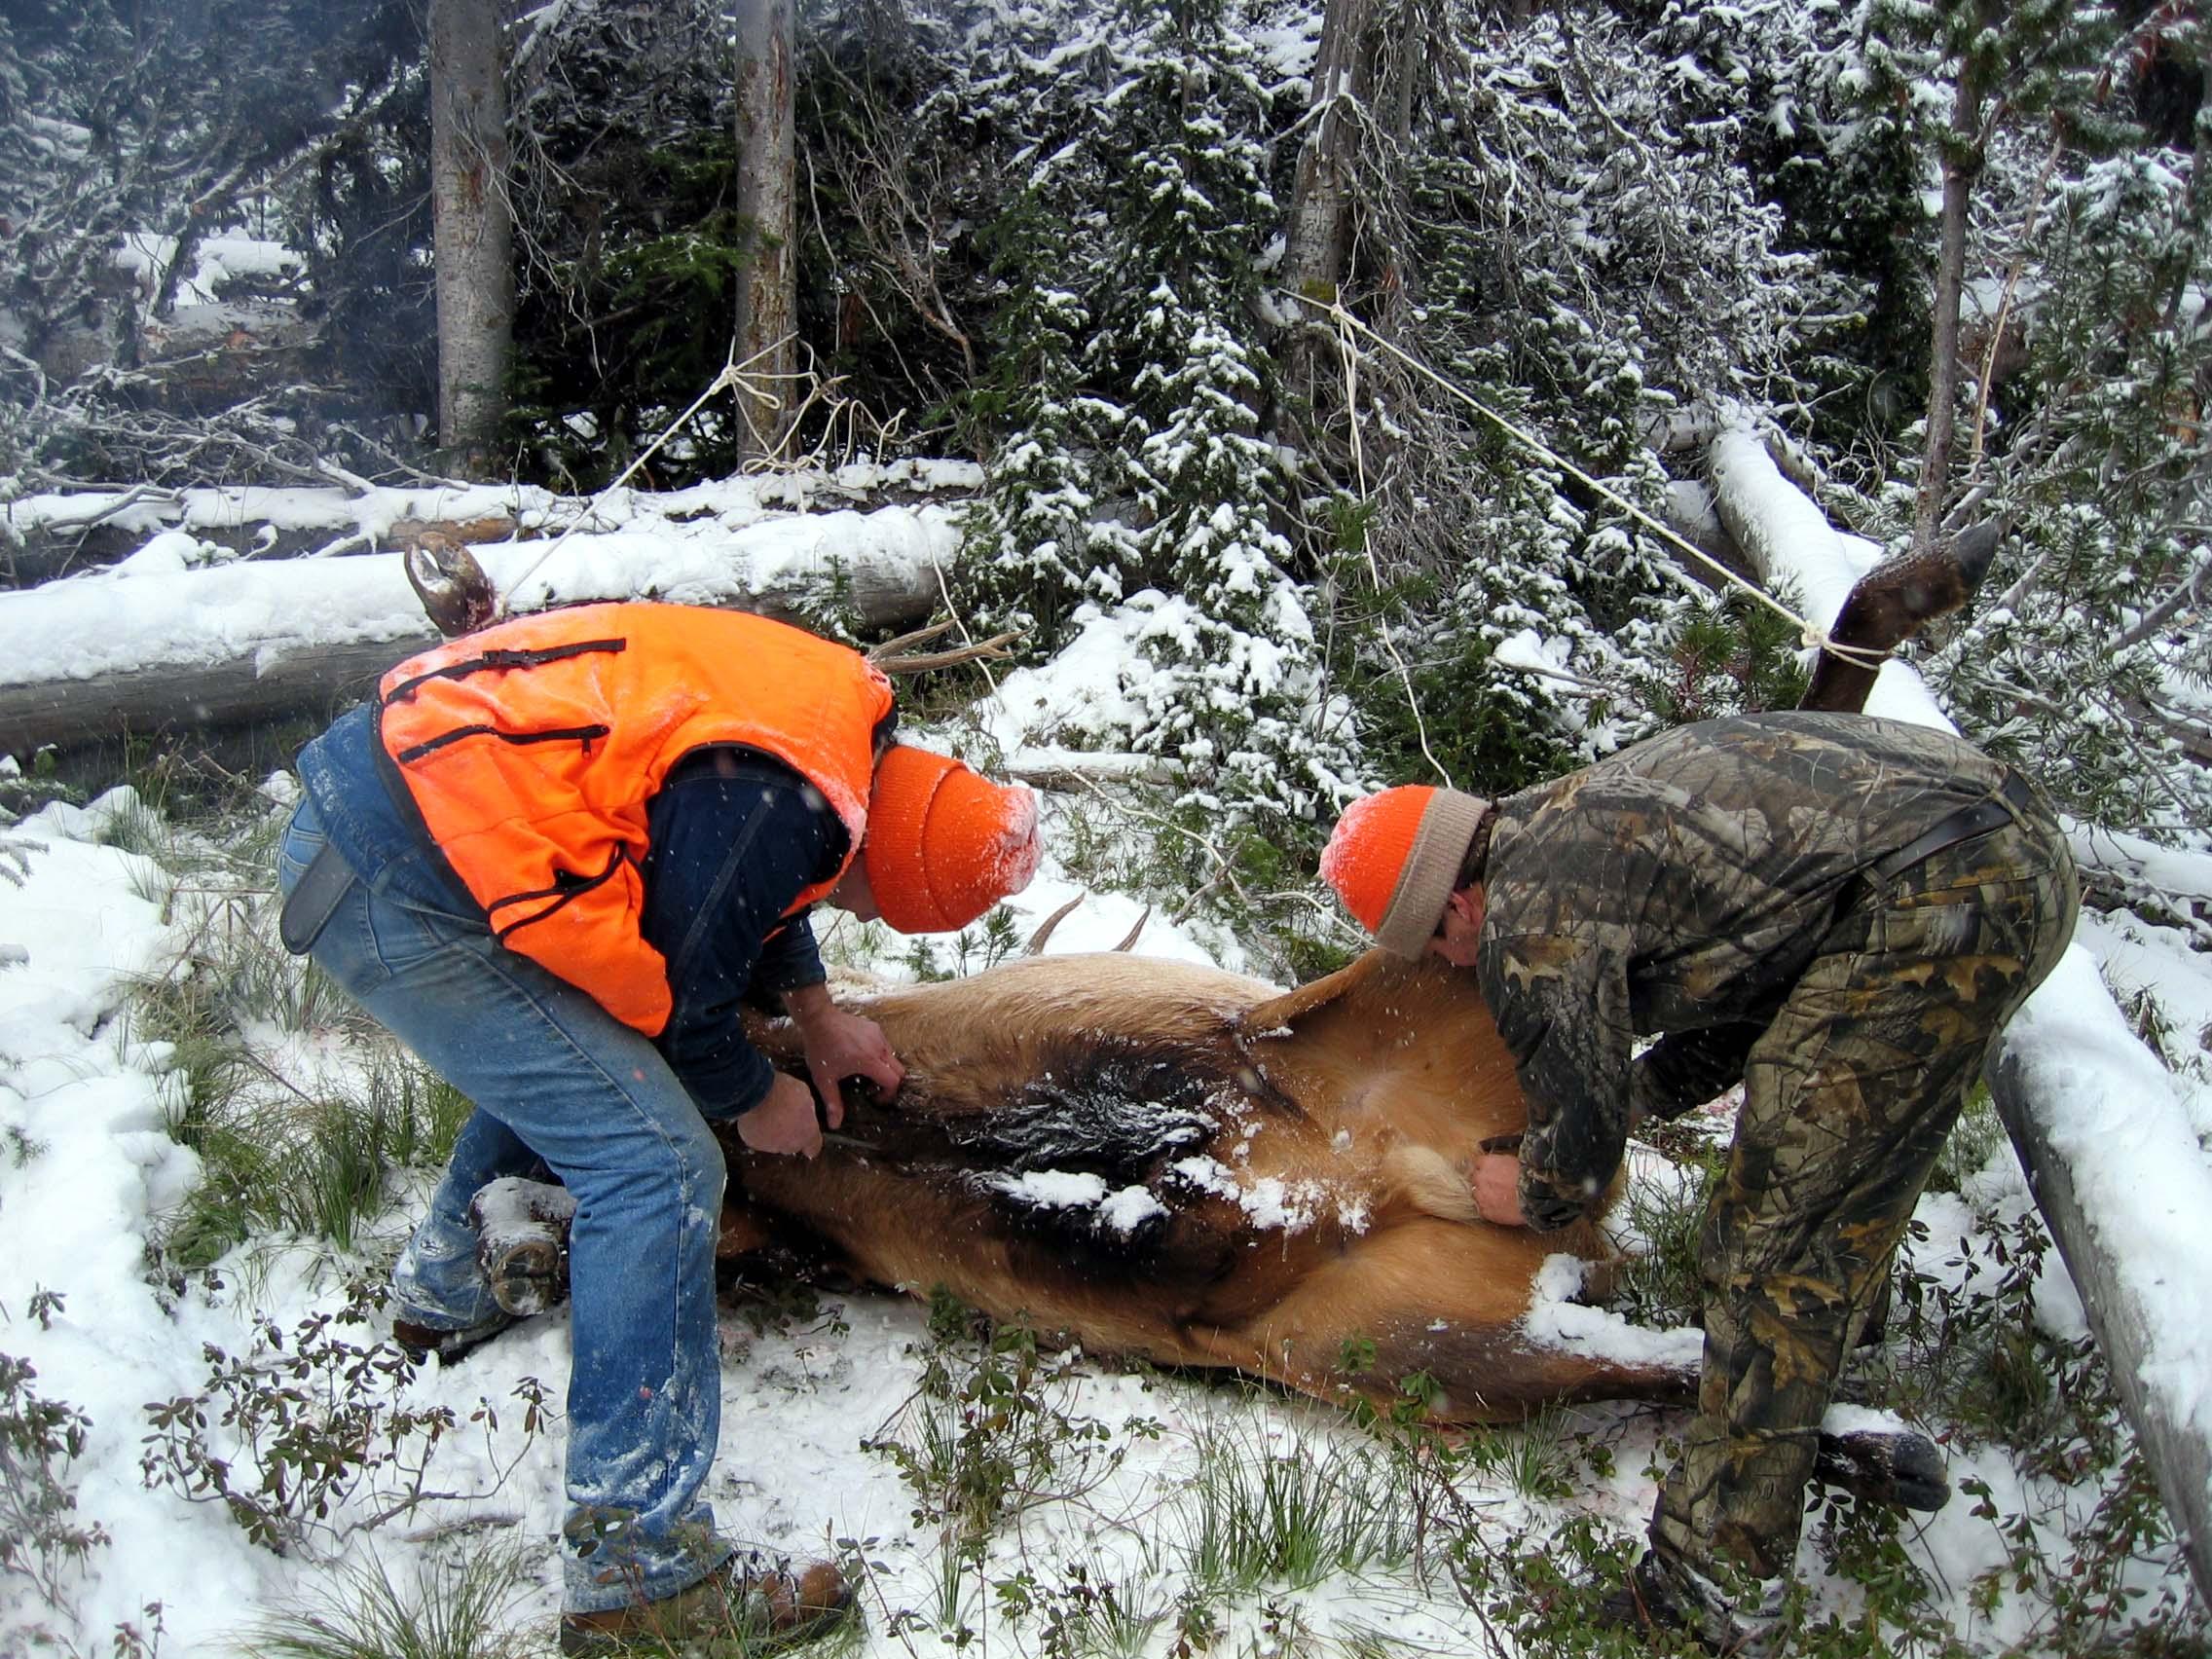 Field Dressing an Elk